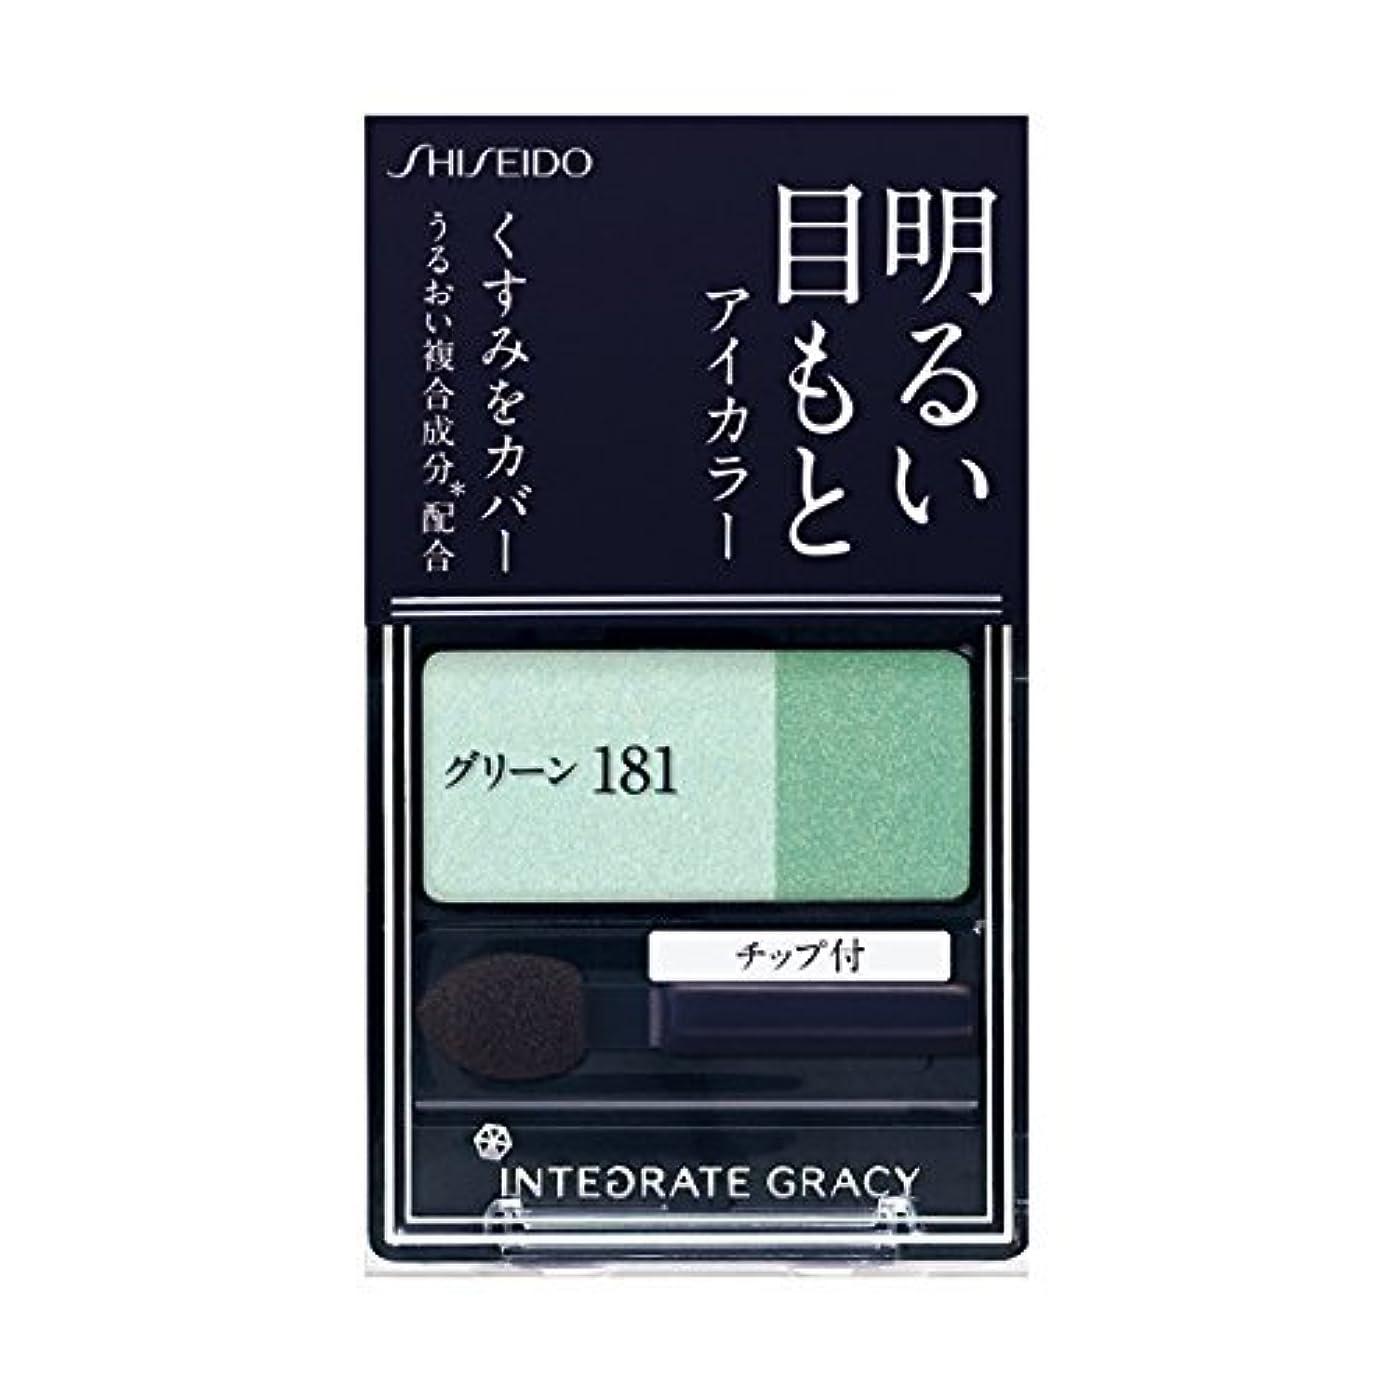 シェルターフォークラショナルインテグレート グレイシィ アイカラー グリーン181 2g×3個